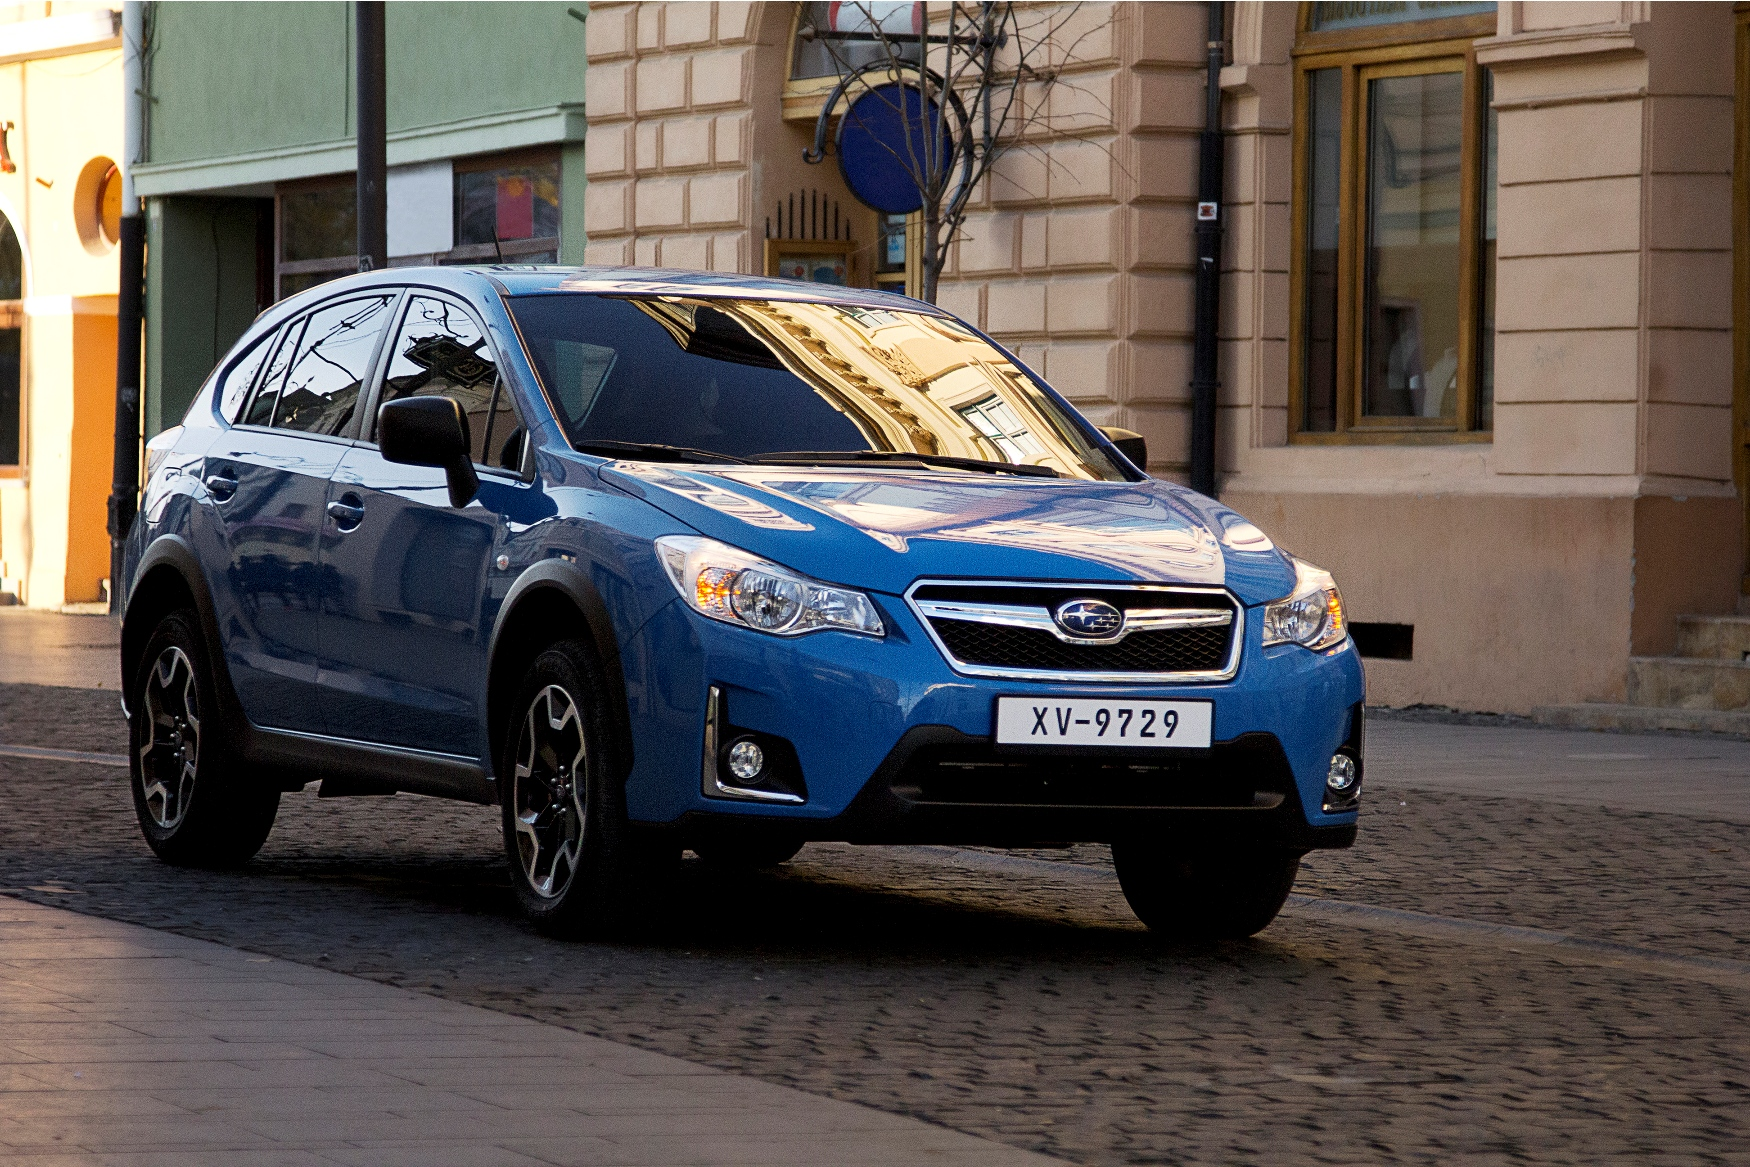 Subaru'da Satış ve Satış Sonrası İçin Kasım Kampanyası